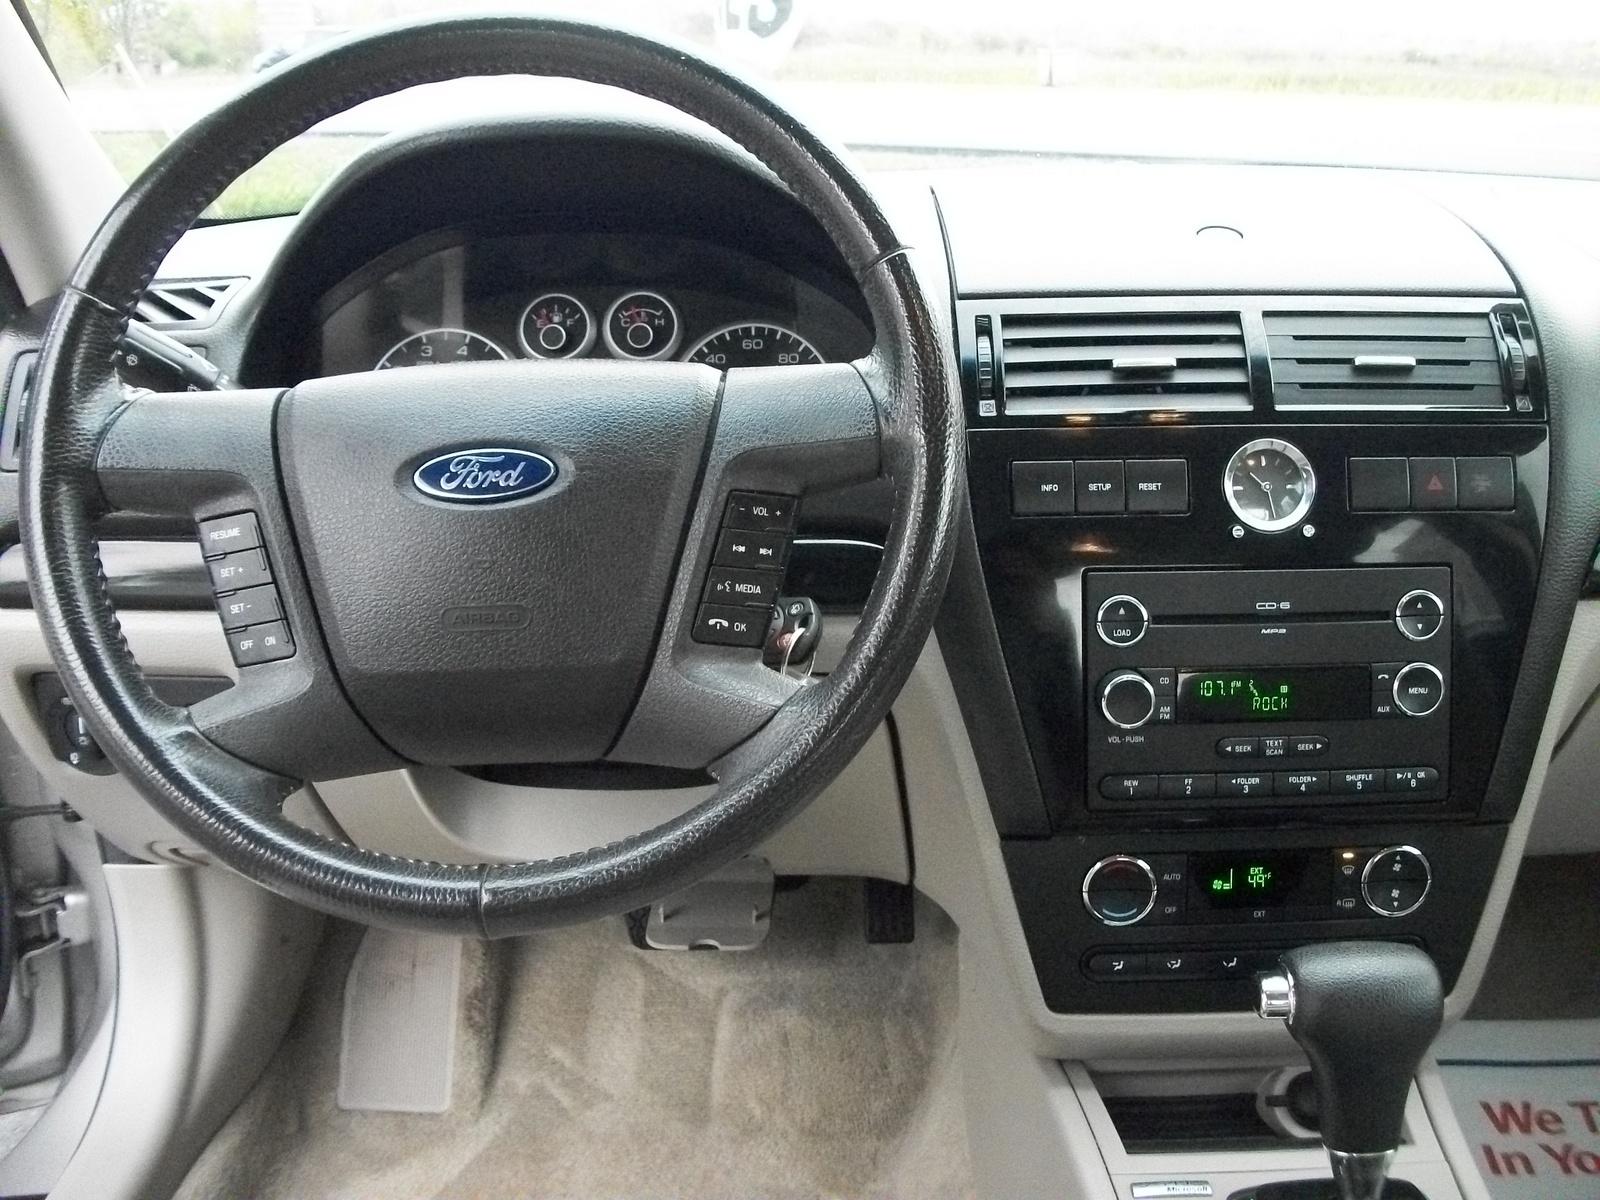 2008 Ford Fusion Interior Dimensions